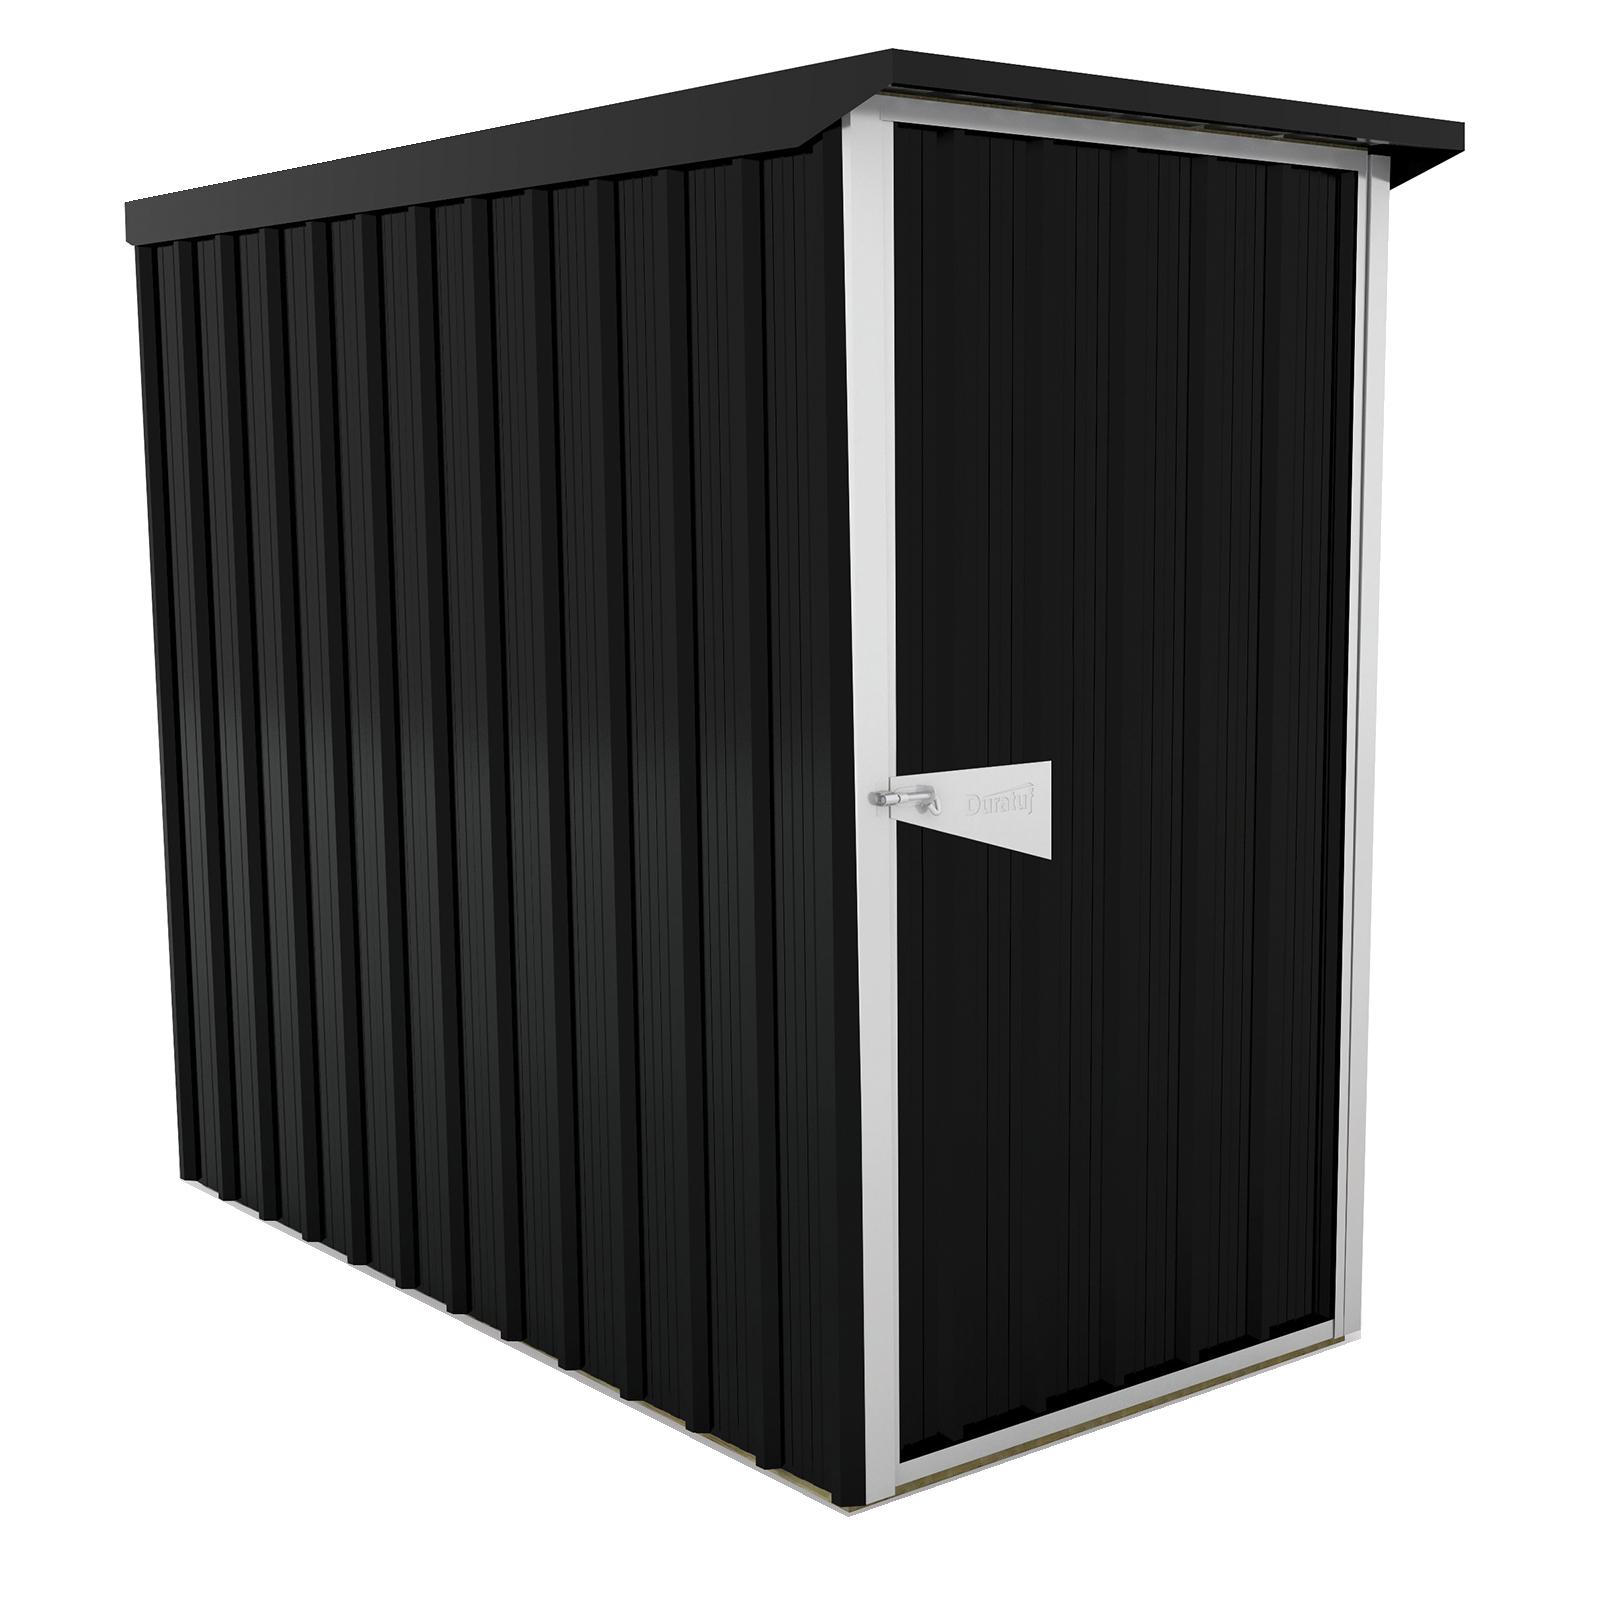 Duratuf Sentry 1.0 x 2.0m Ebony Lean-To Shed